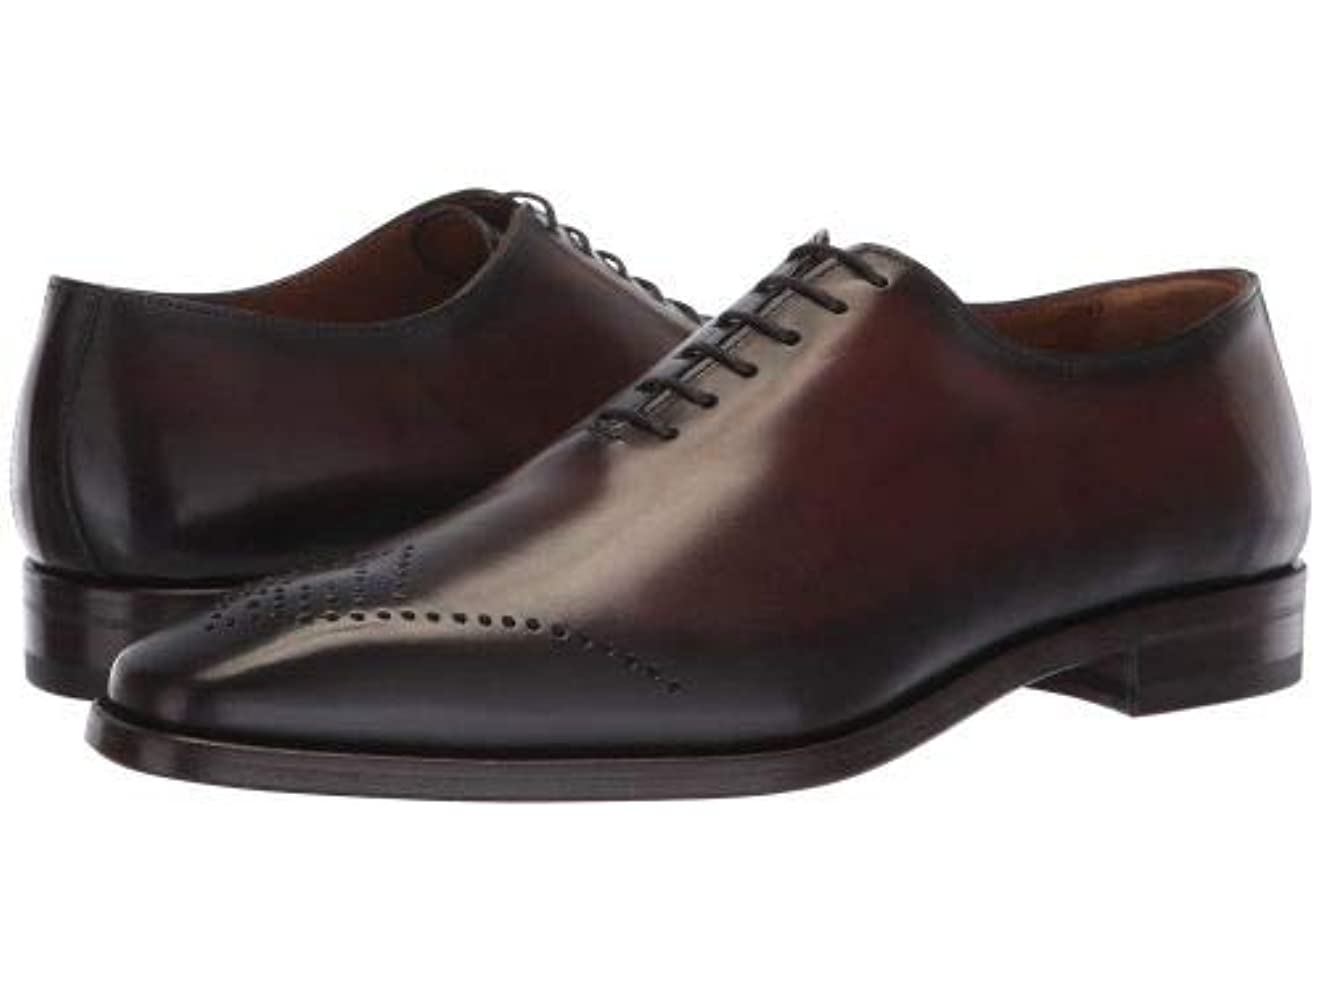 醸造所呼吸するマークされたBruno Magli(ブルーノマリ) メンズ 男性用 シューズ 靴 オックスフォード 紳士靴 通勤靴 Claudio - Dark Brown [並行輸入品]